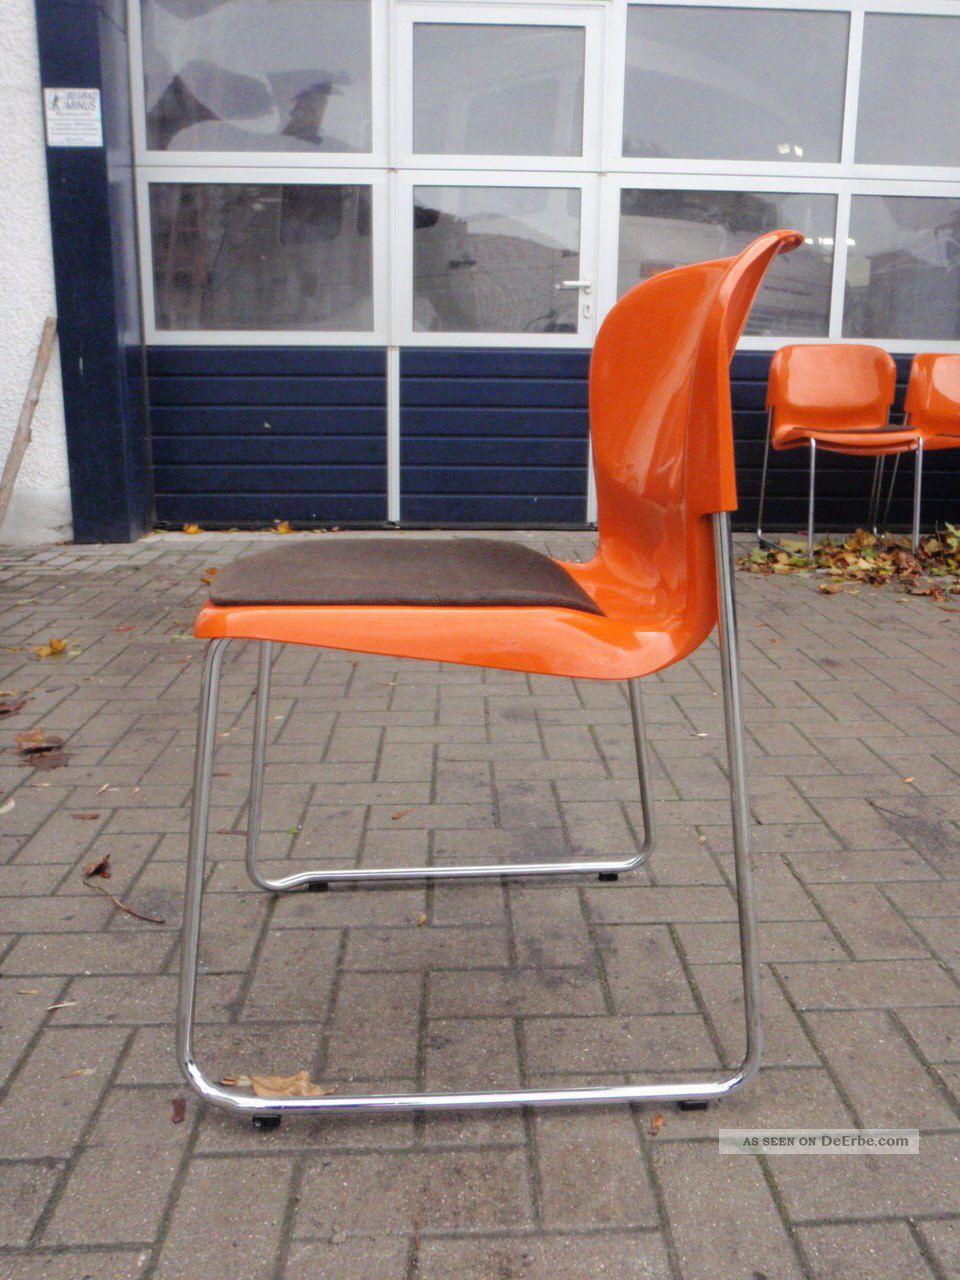 Stuhl gerd lange design 70er orange st hle stapelbar swing for Stuhl design epochen